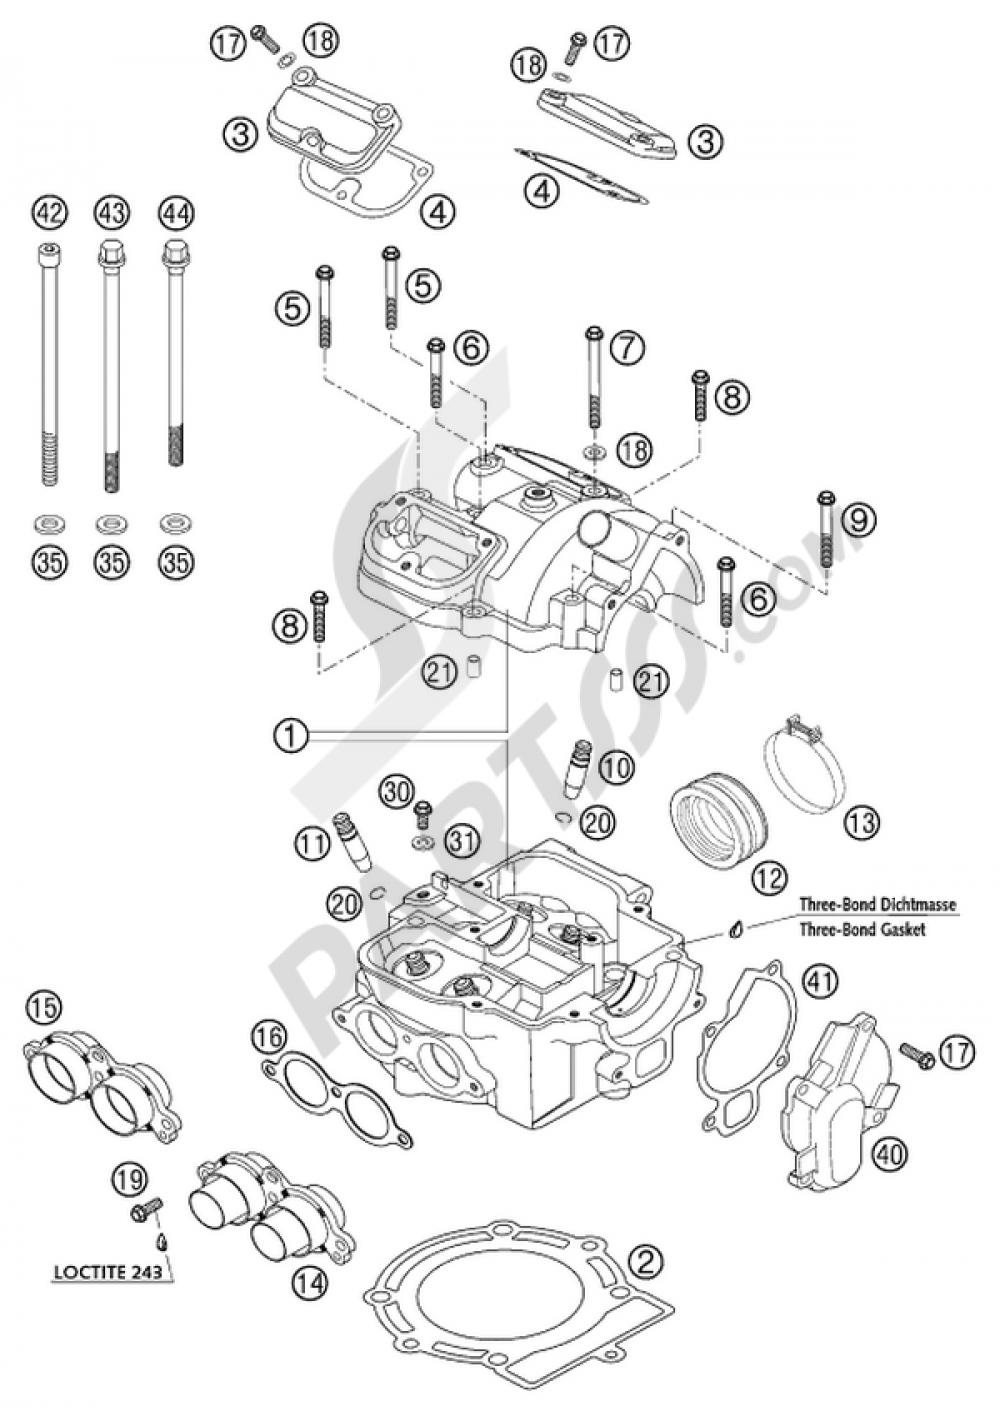 ktm engine diagram repair machine ATV Engines and Transmissions